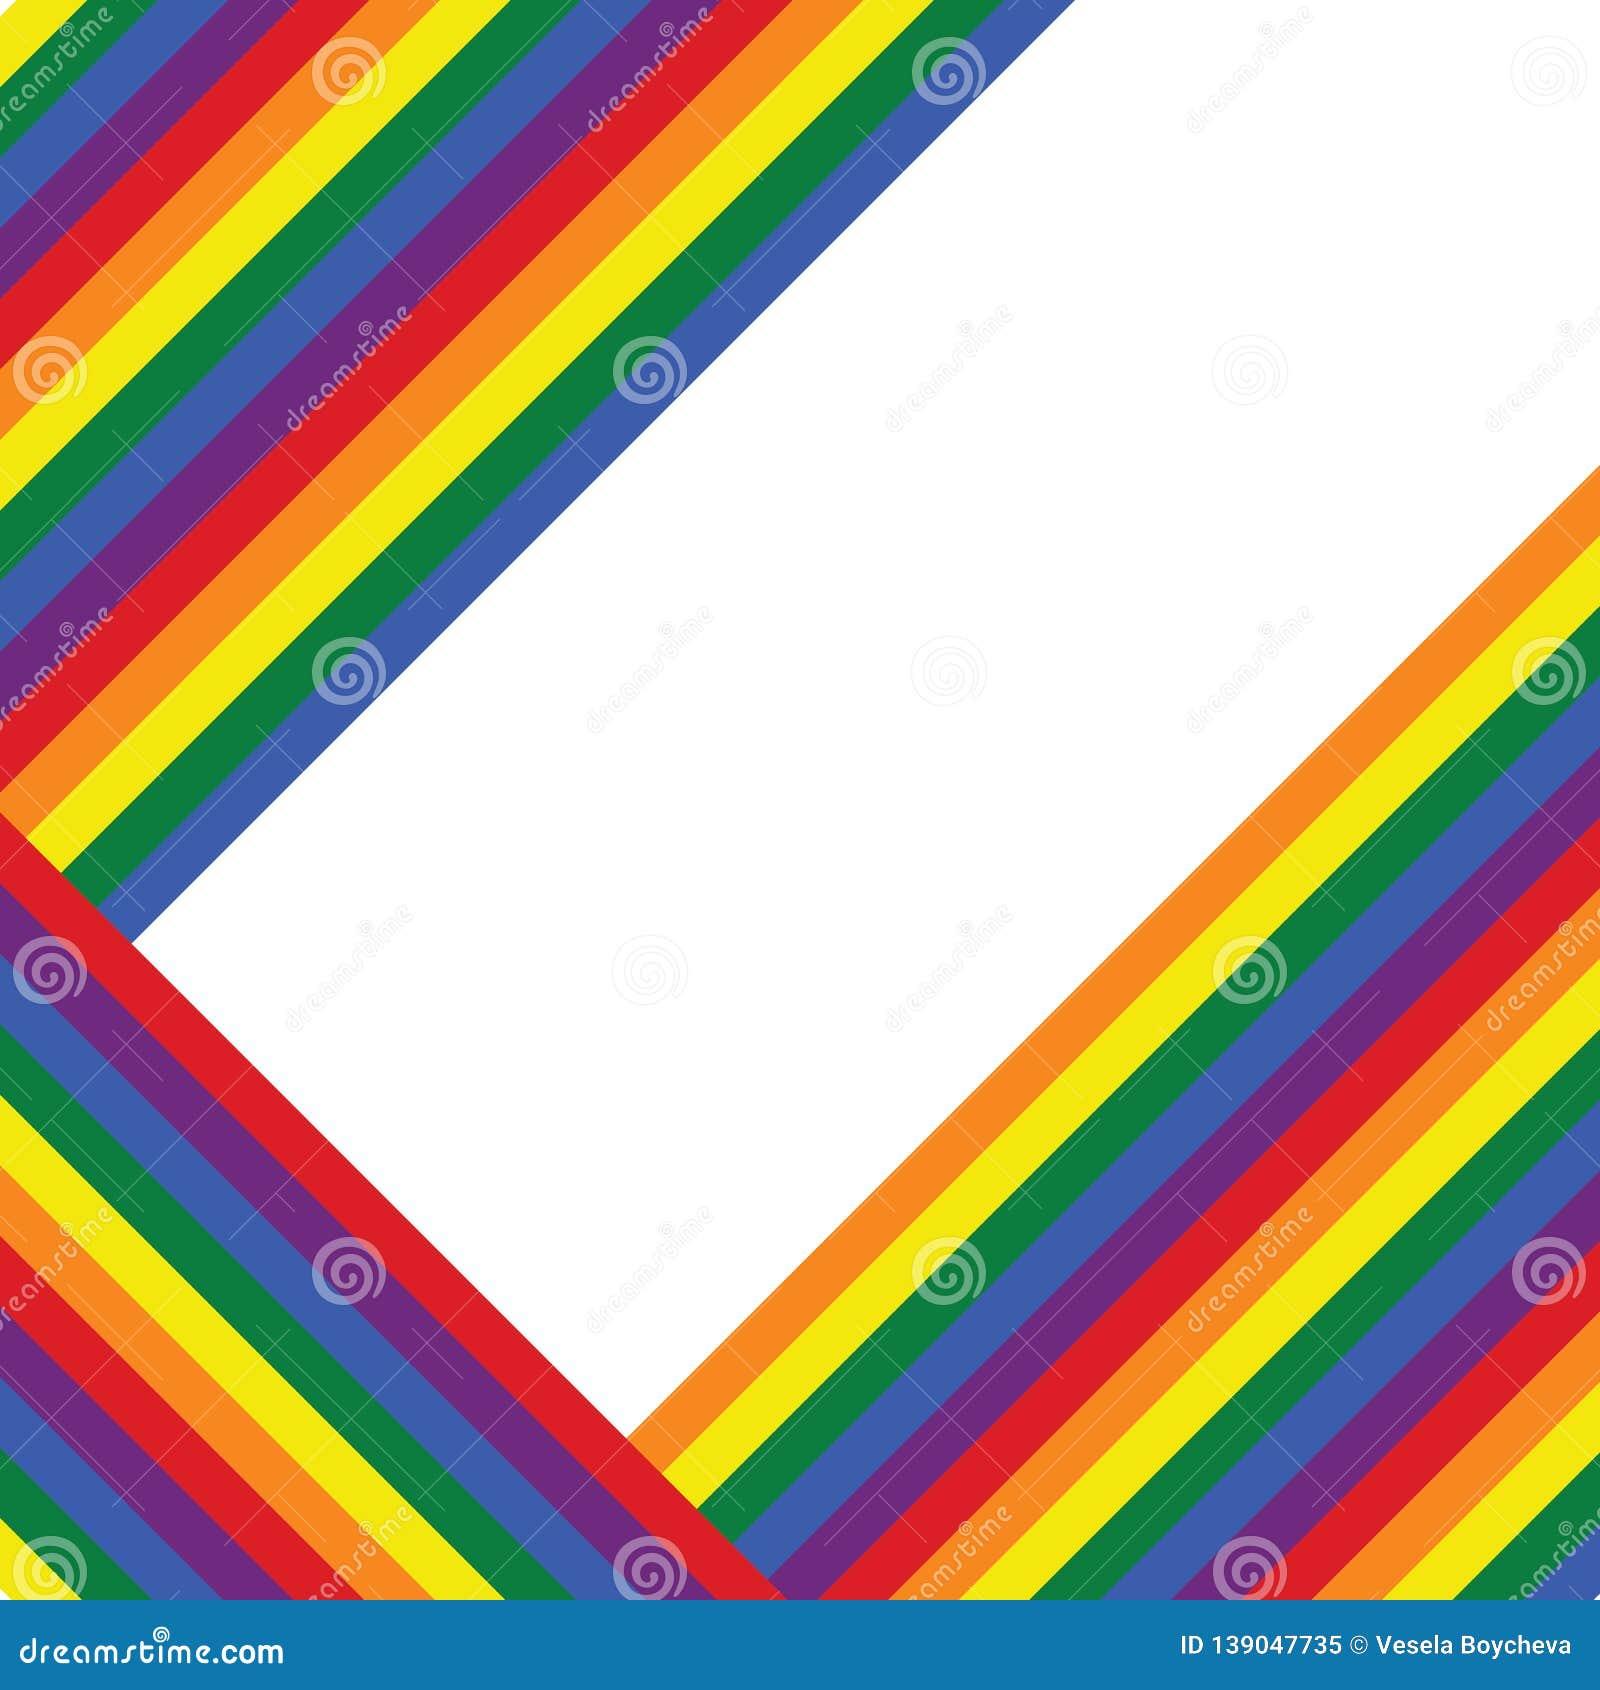 Rainbow Pride Wallpaper Background Valentines Pattern